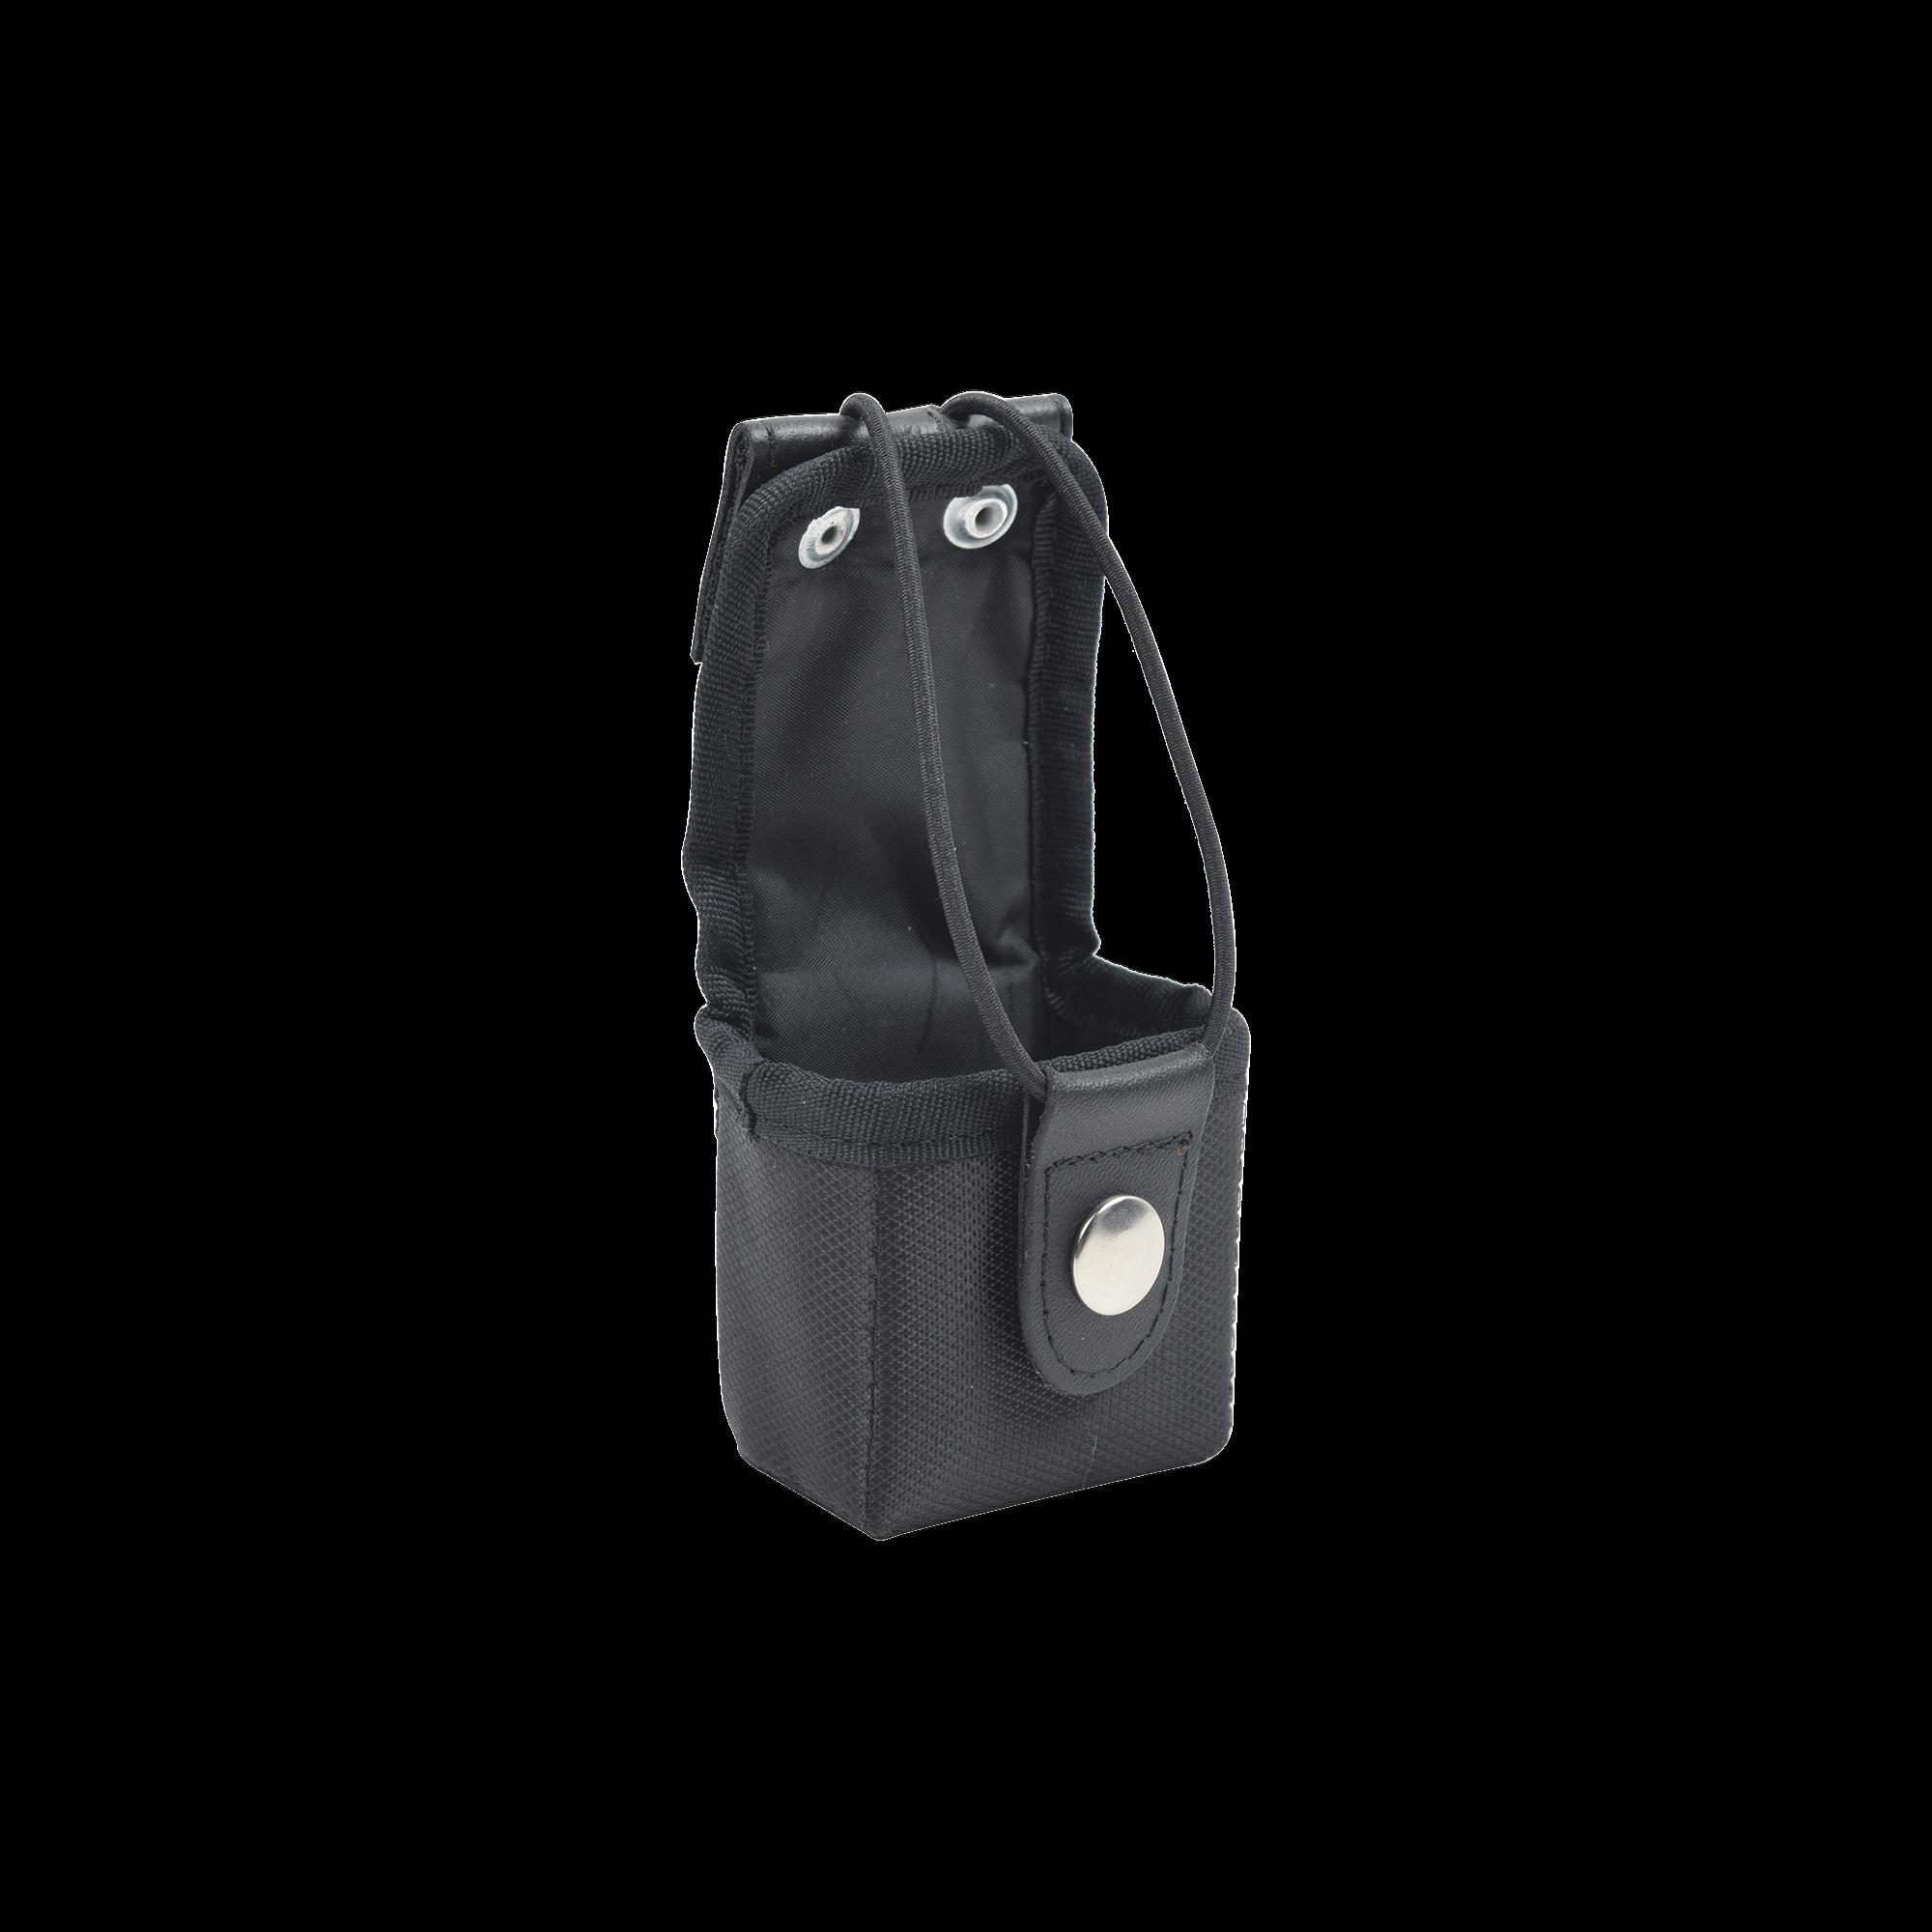 Funda Universal Corta de Vinilo para cinturon con soporte de correa y broche.